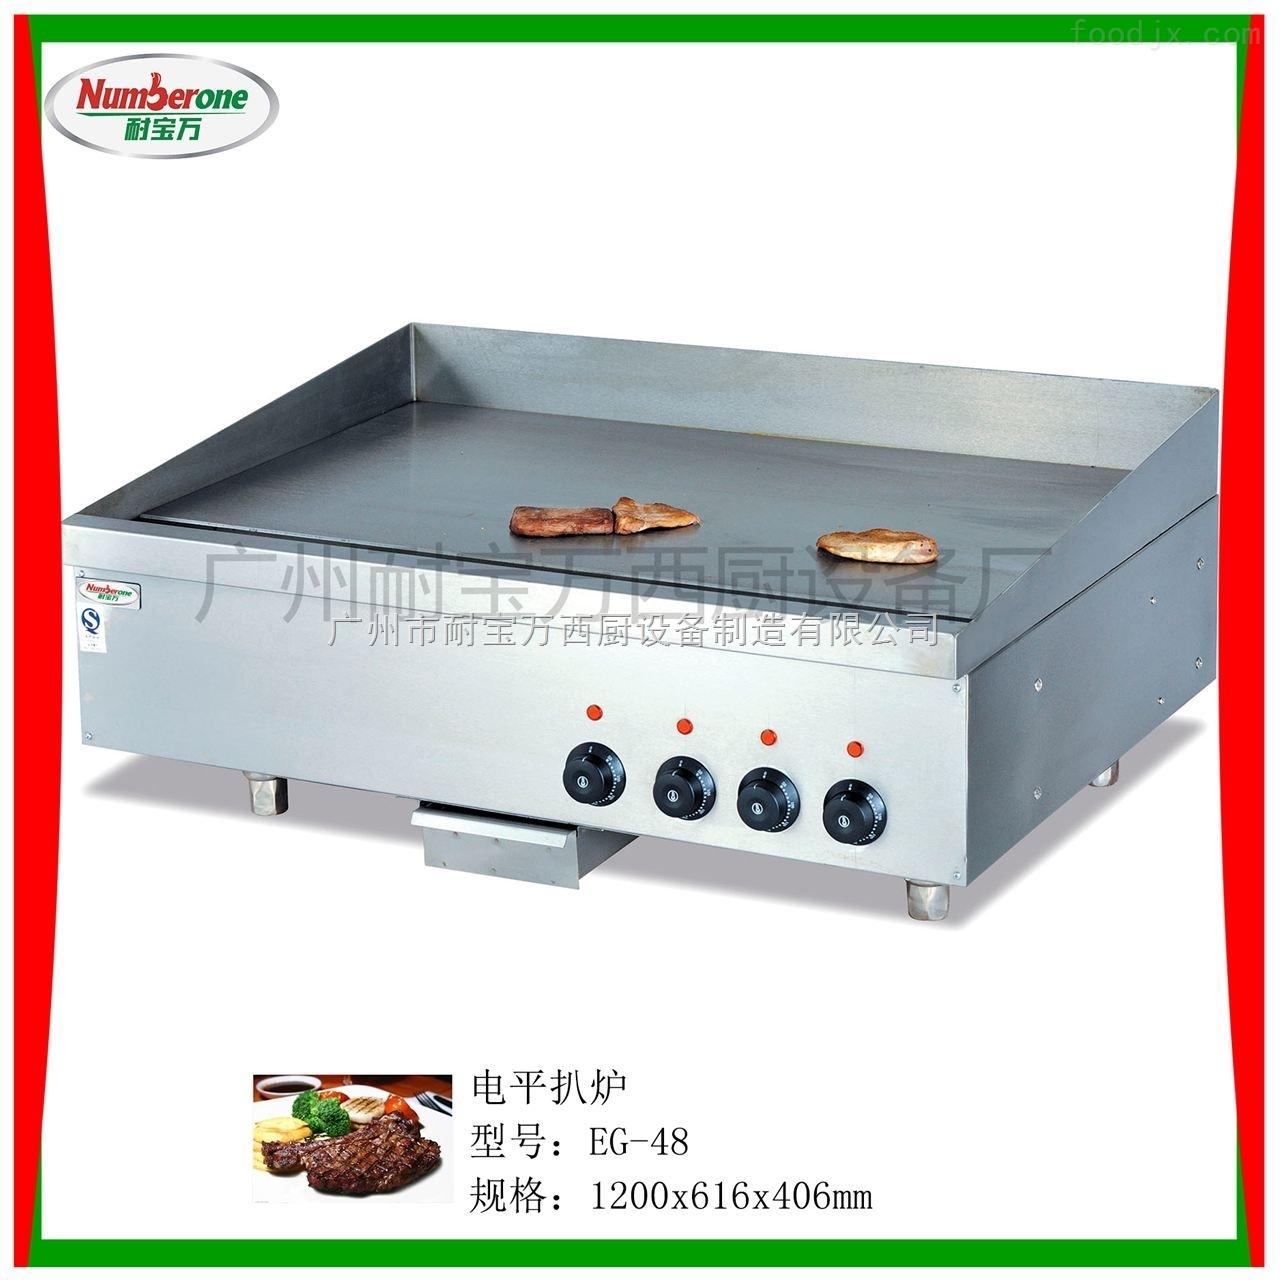 铁板电平扒炉